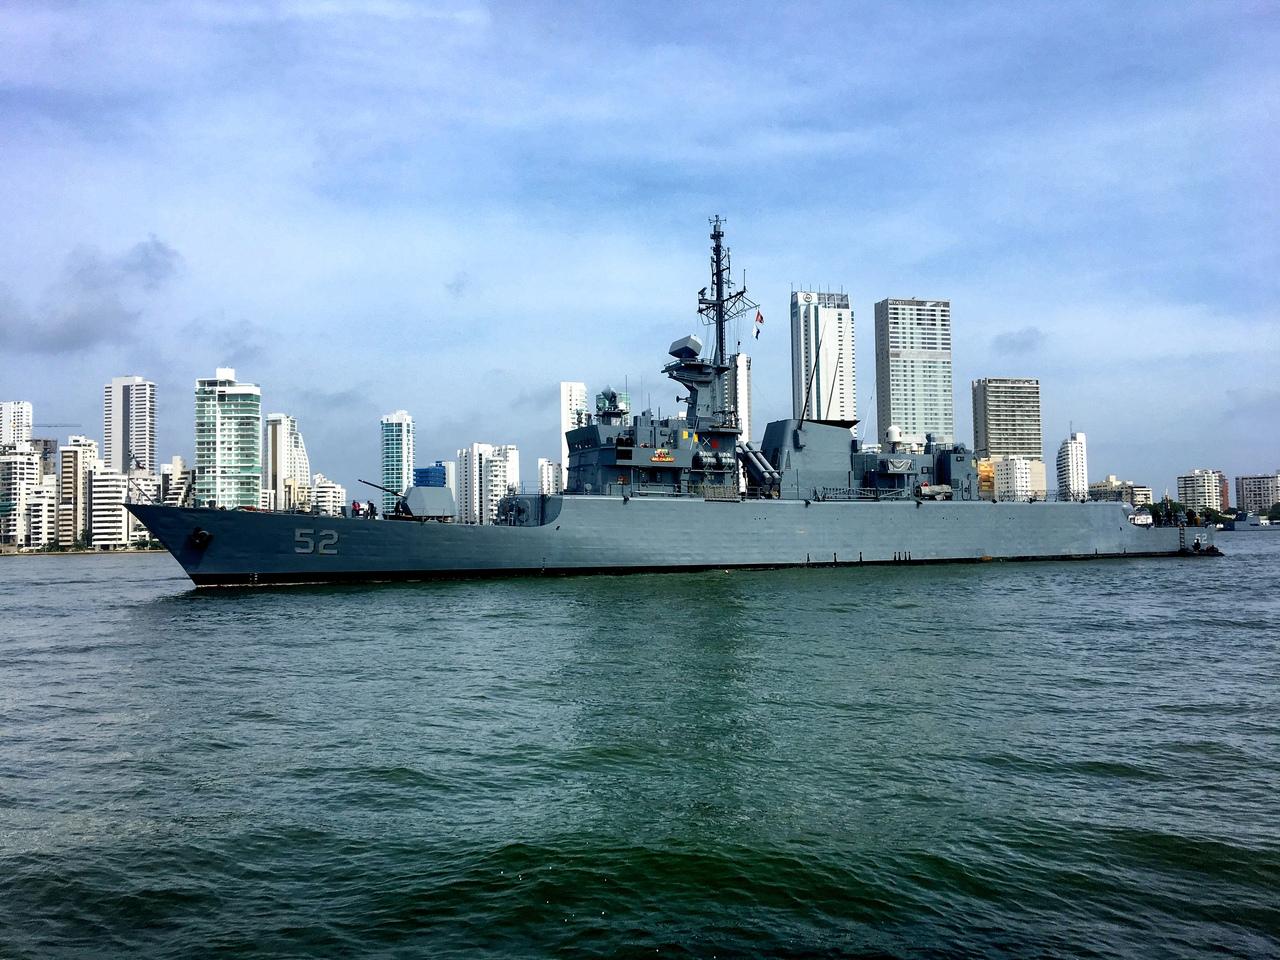 военный корабль на выходе из бухты в Картахене